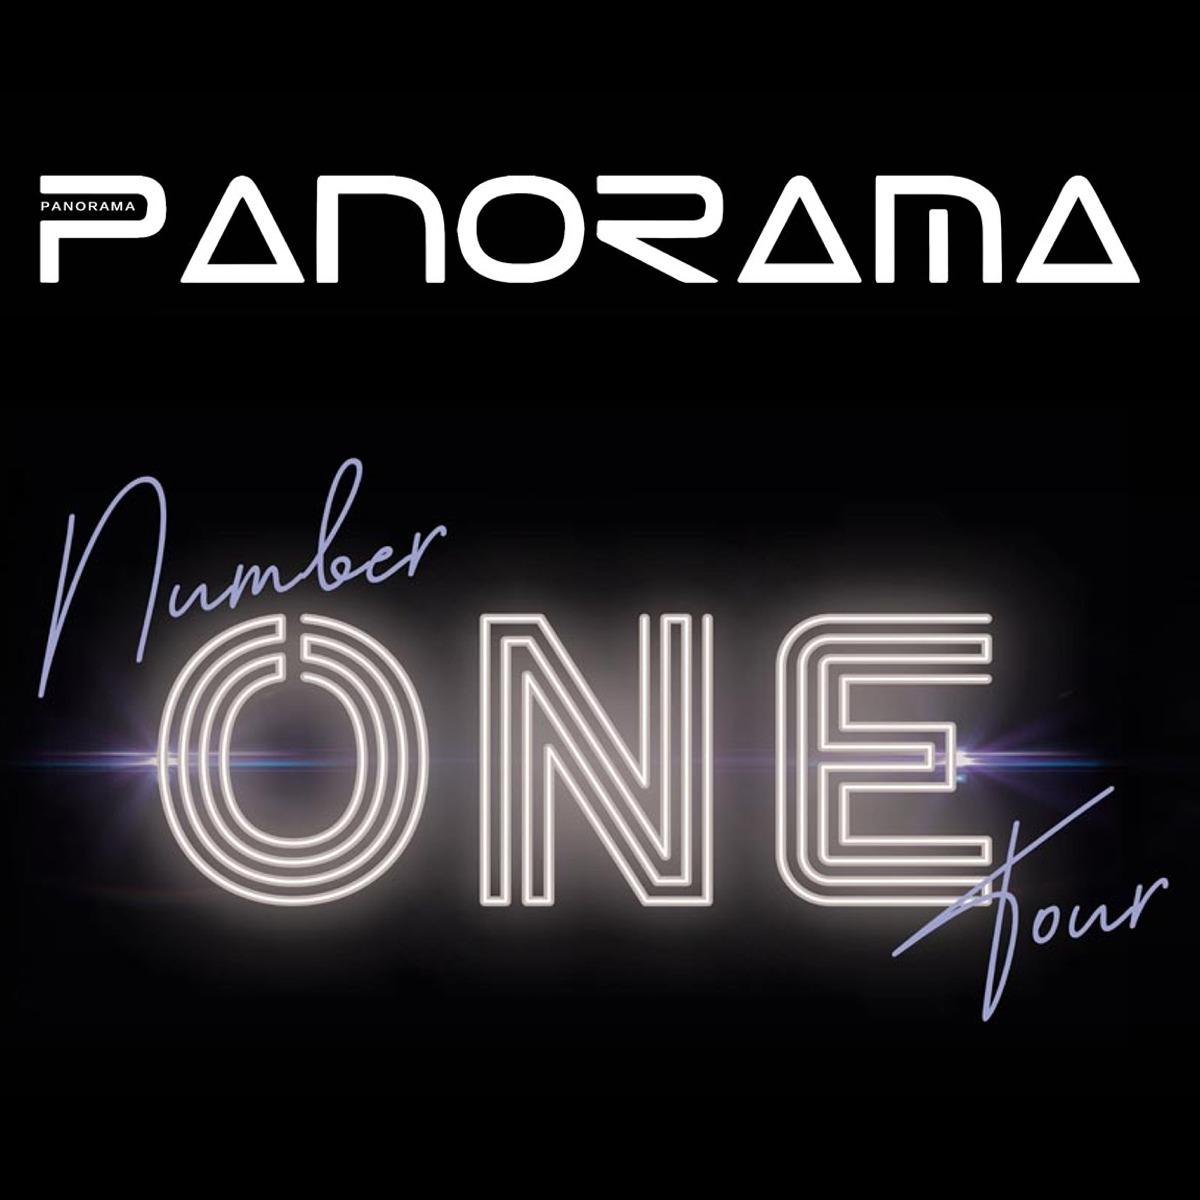 Pandora Producciones - Panorama, Number One Tour - Atardeceres en el Archivo - Valladolid - Simancas - Mayo - 2020